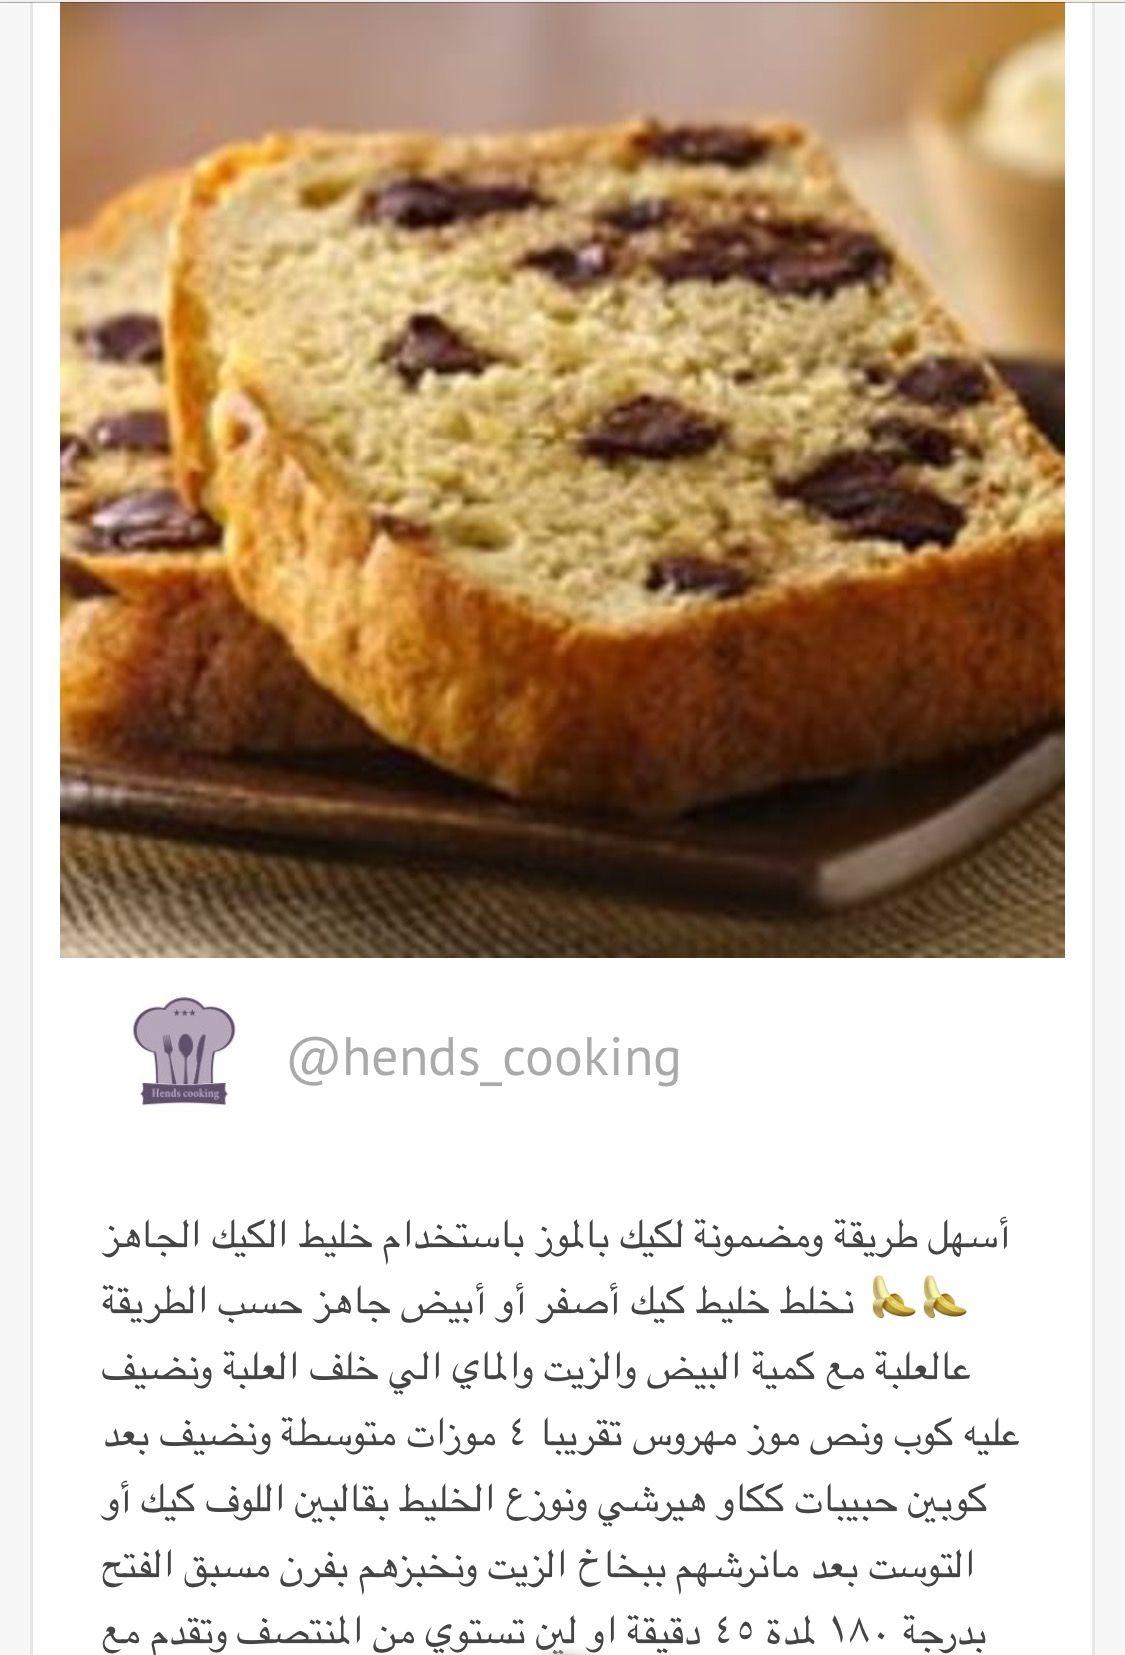 كيكة موز بخليط الكيك الجاهز Desserts Food Cheesecake